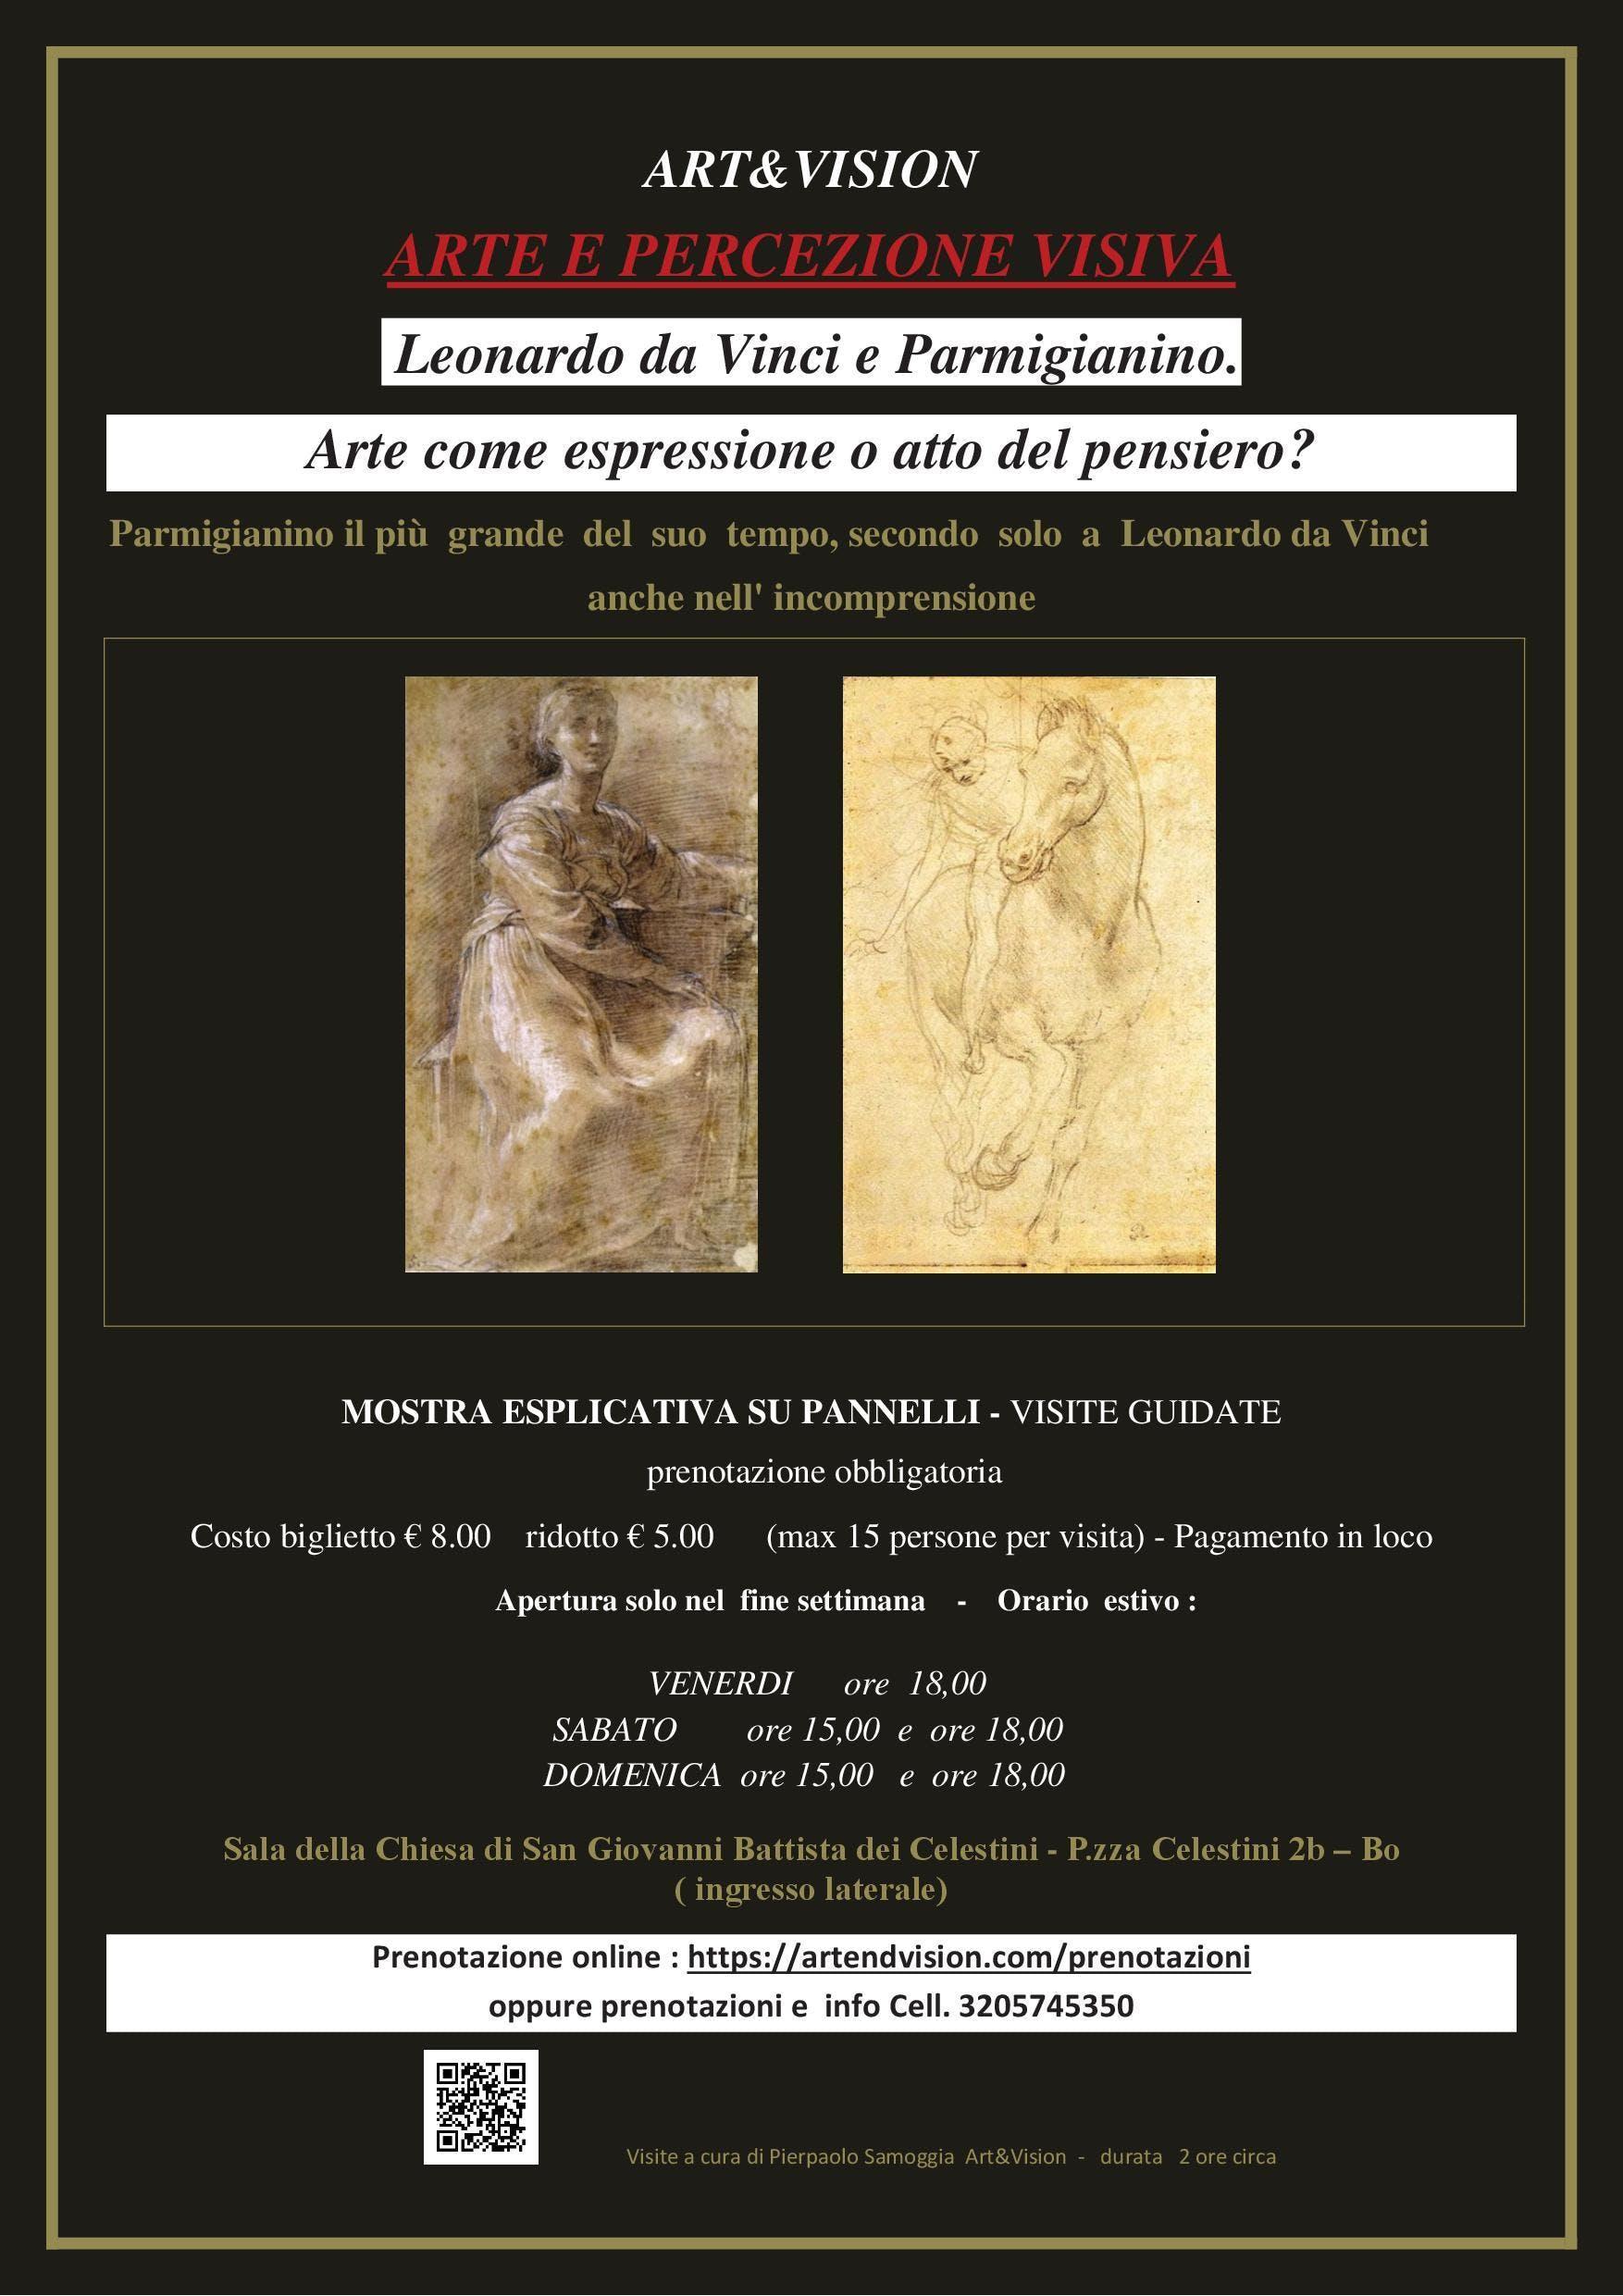 Leonardo da Vinci e Parmigianino - Arte come espressione o atto del pensiero?